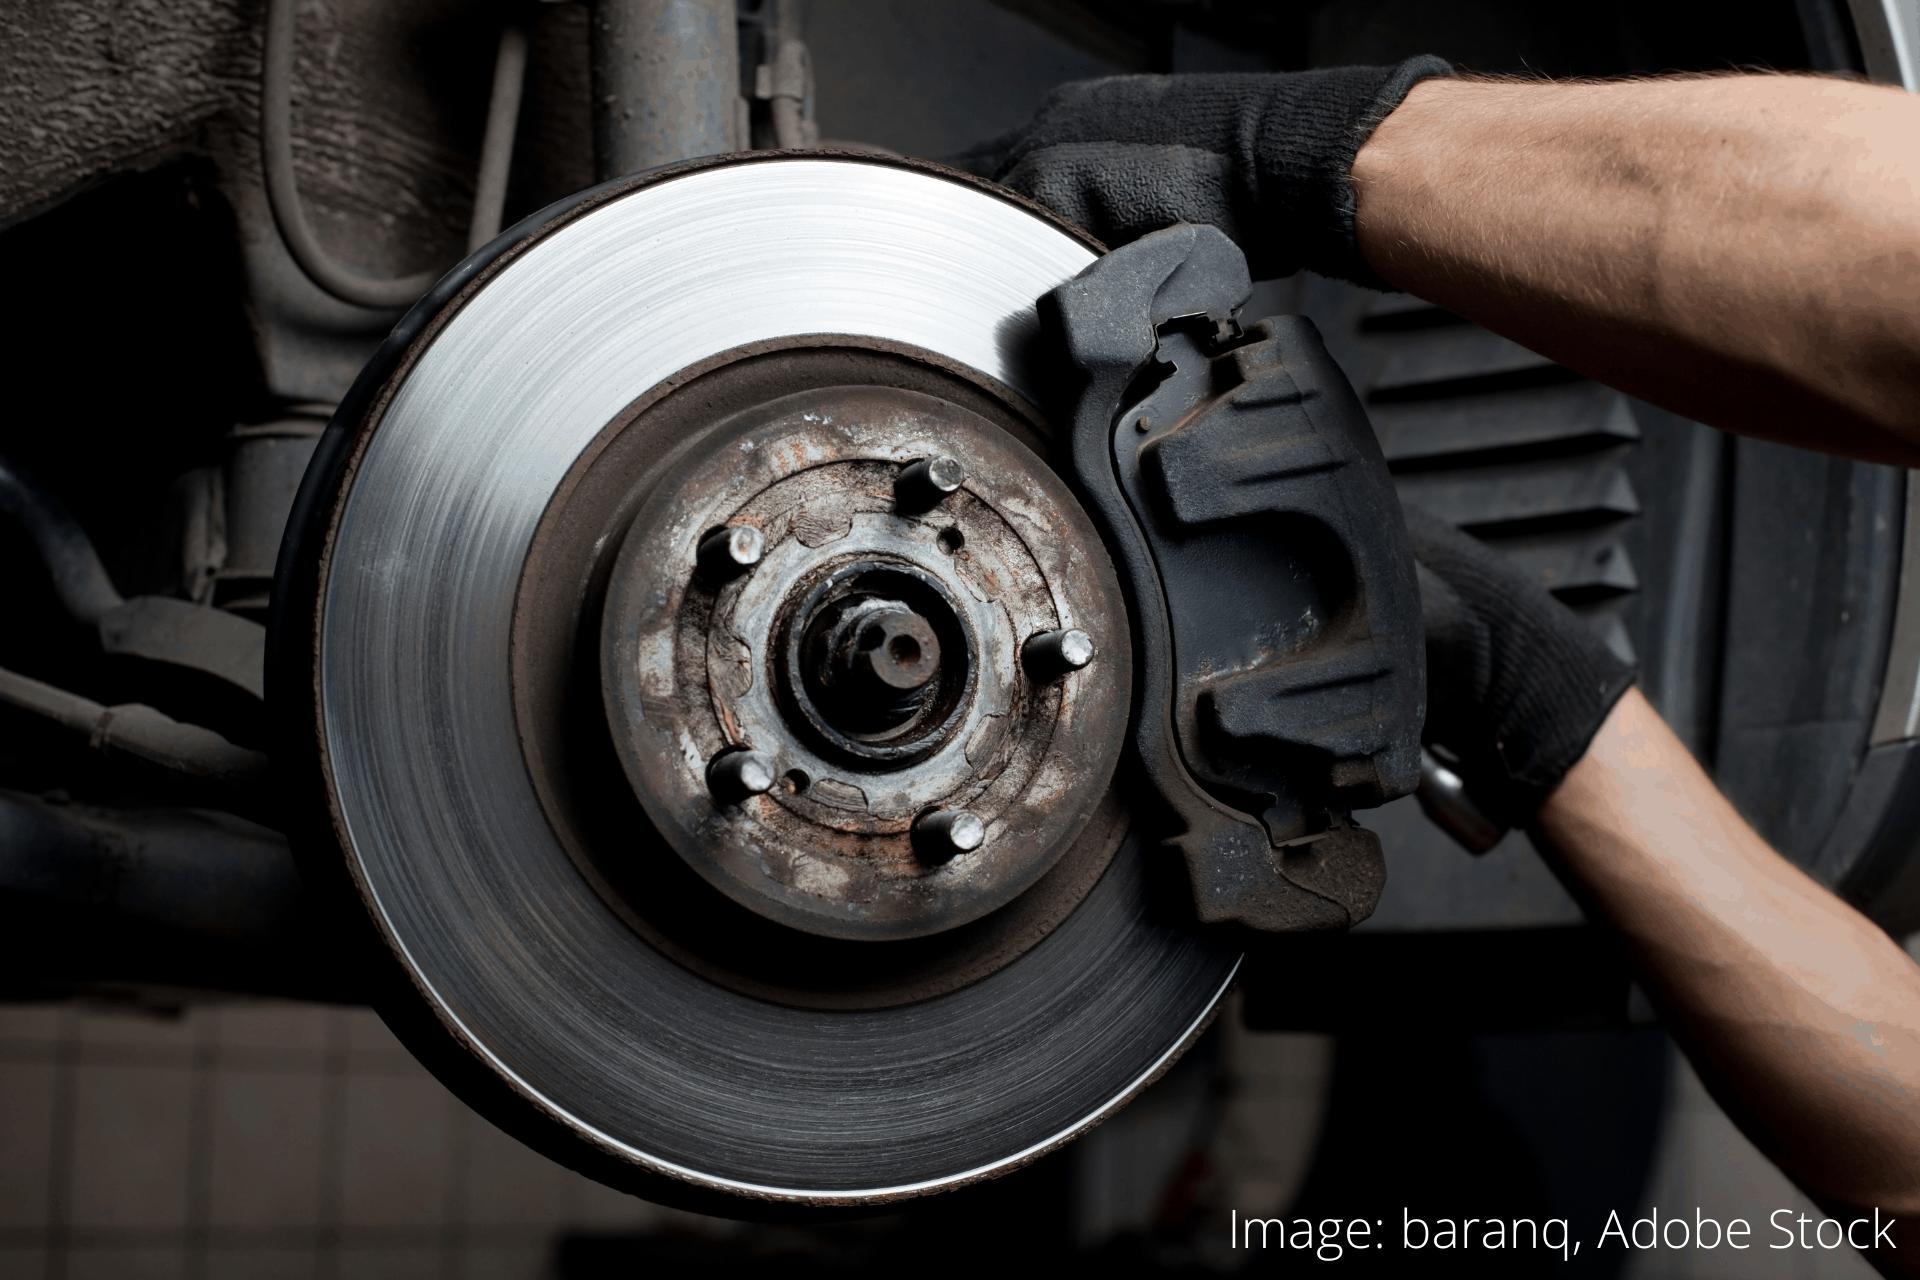 hvordan du skifter bremseklodserne på en bil